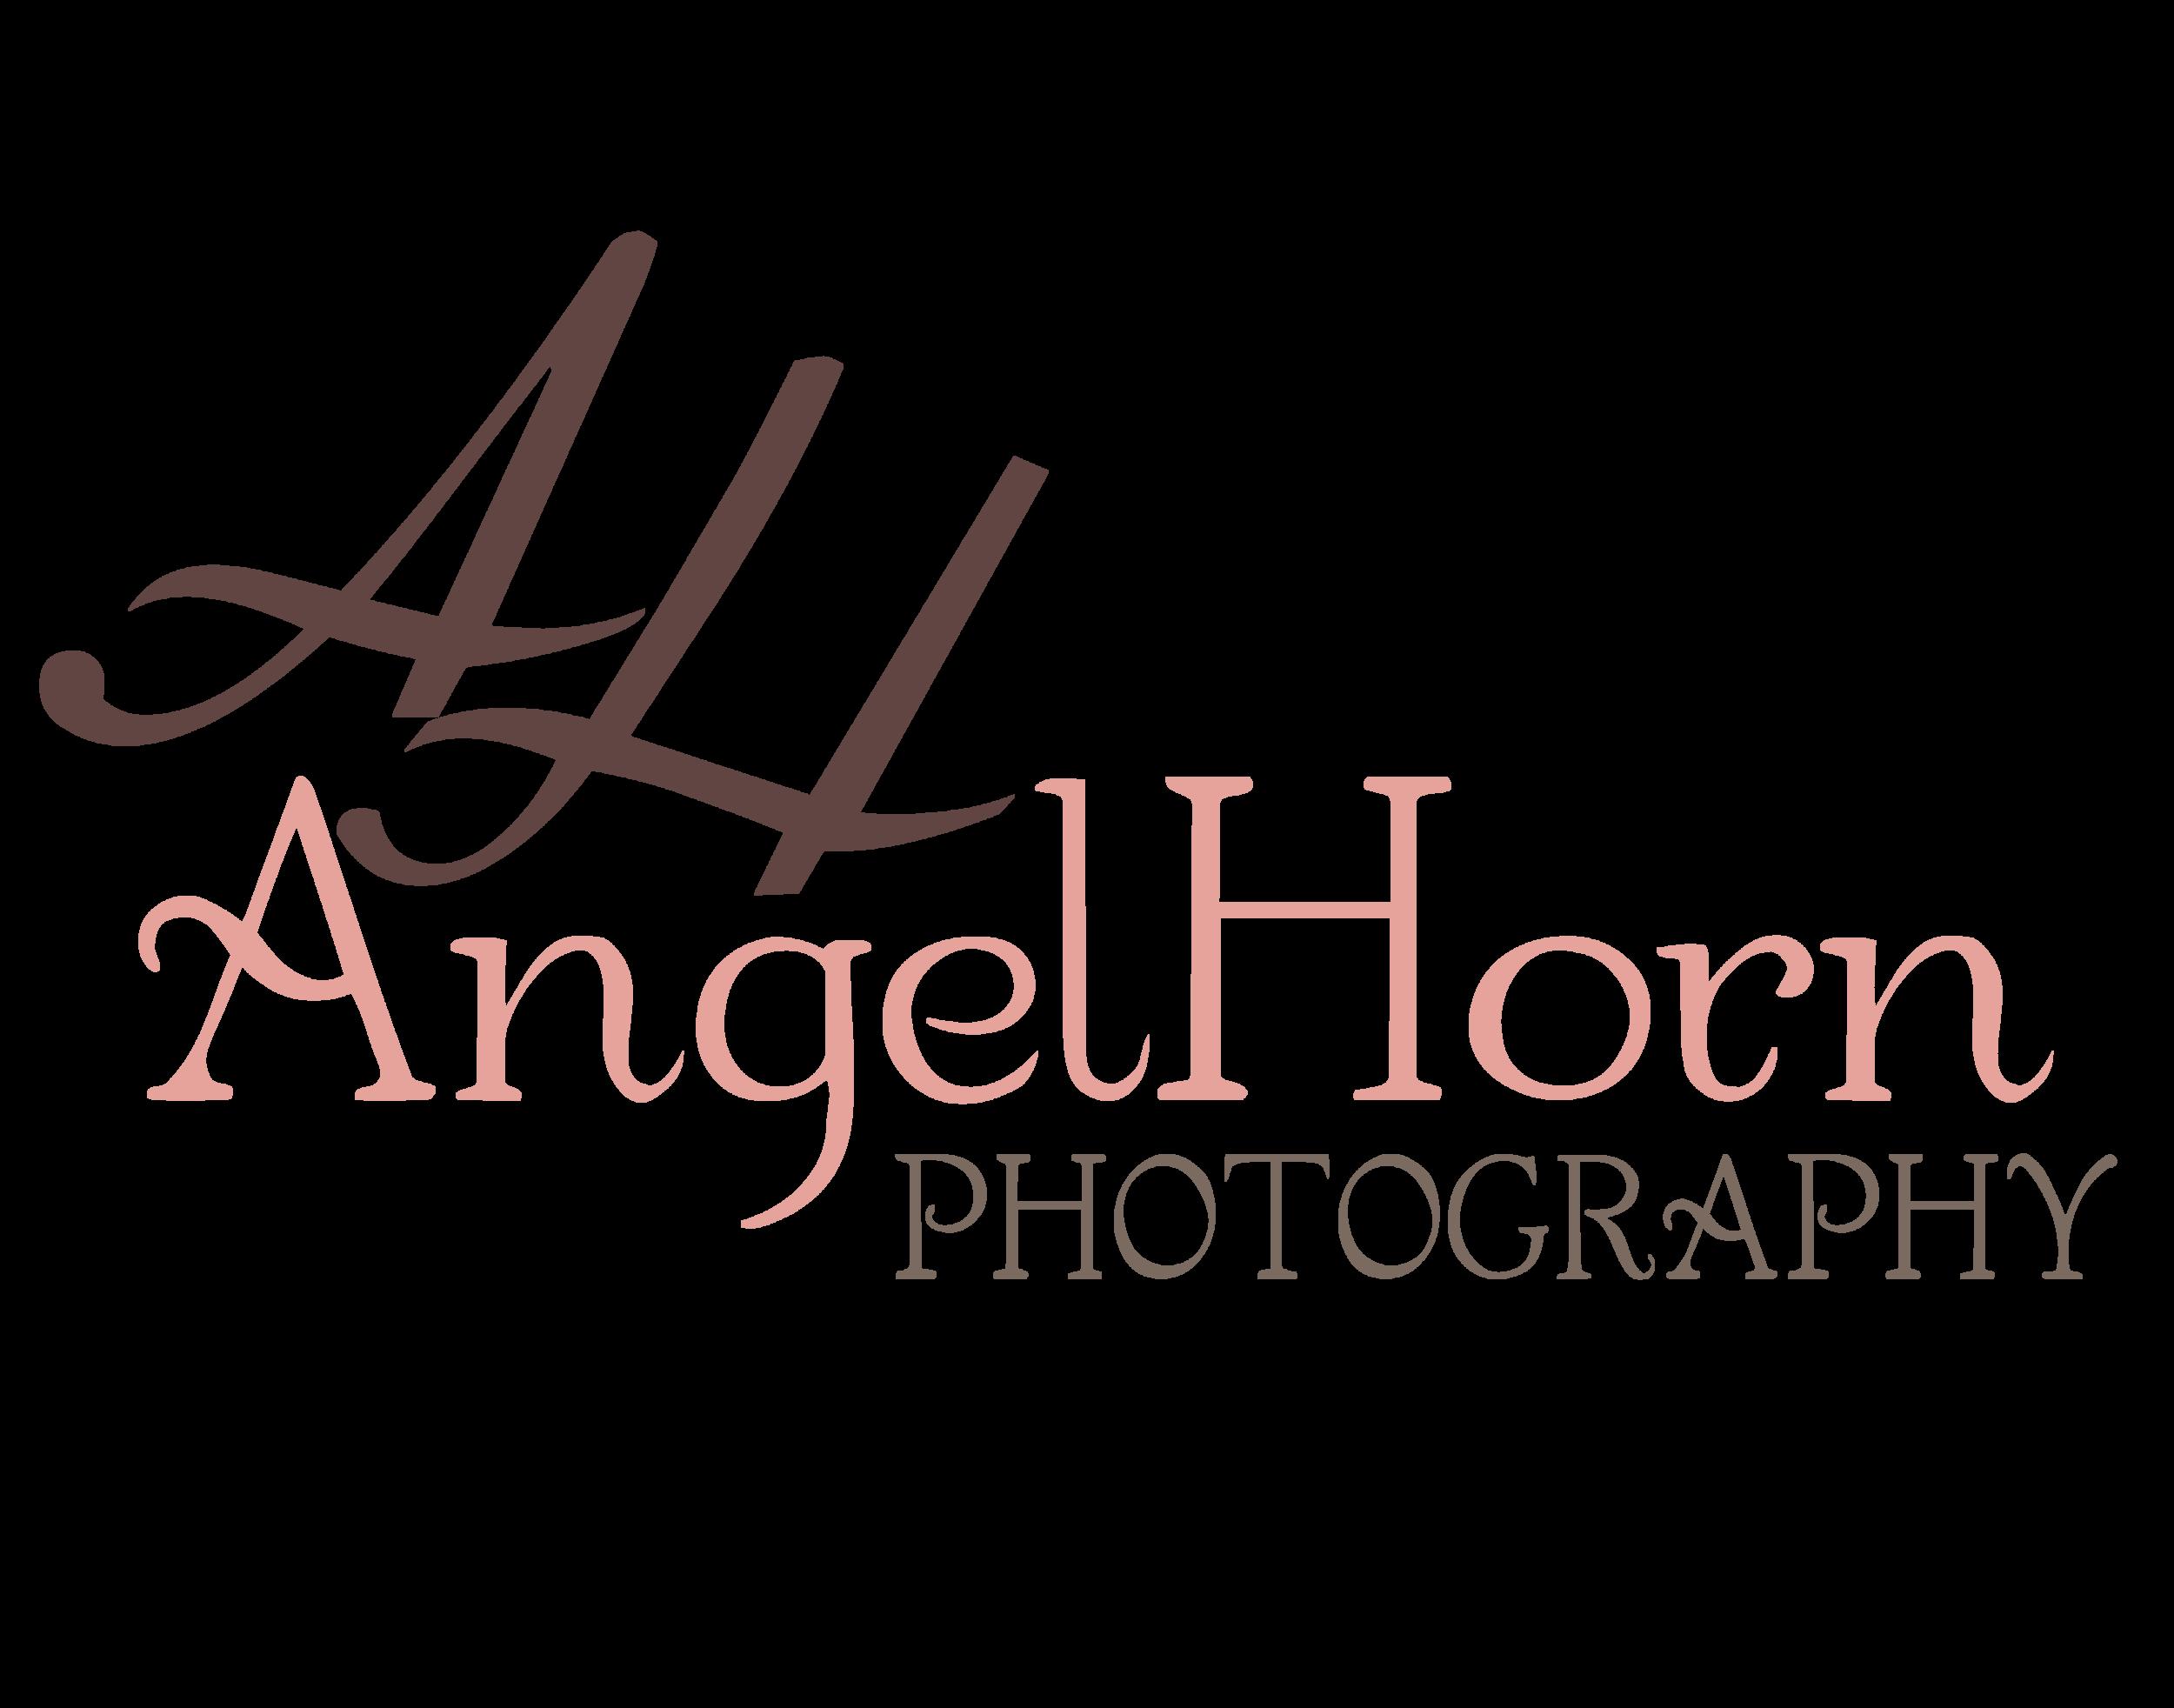 Logolarger